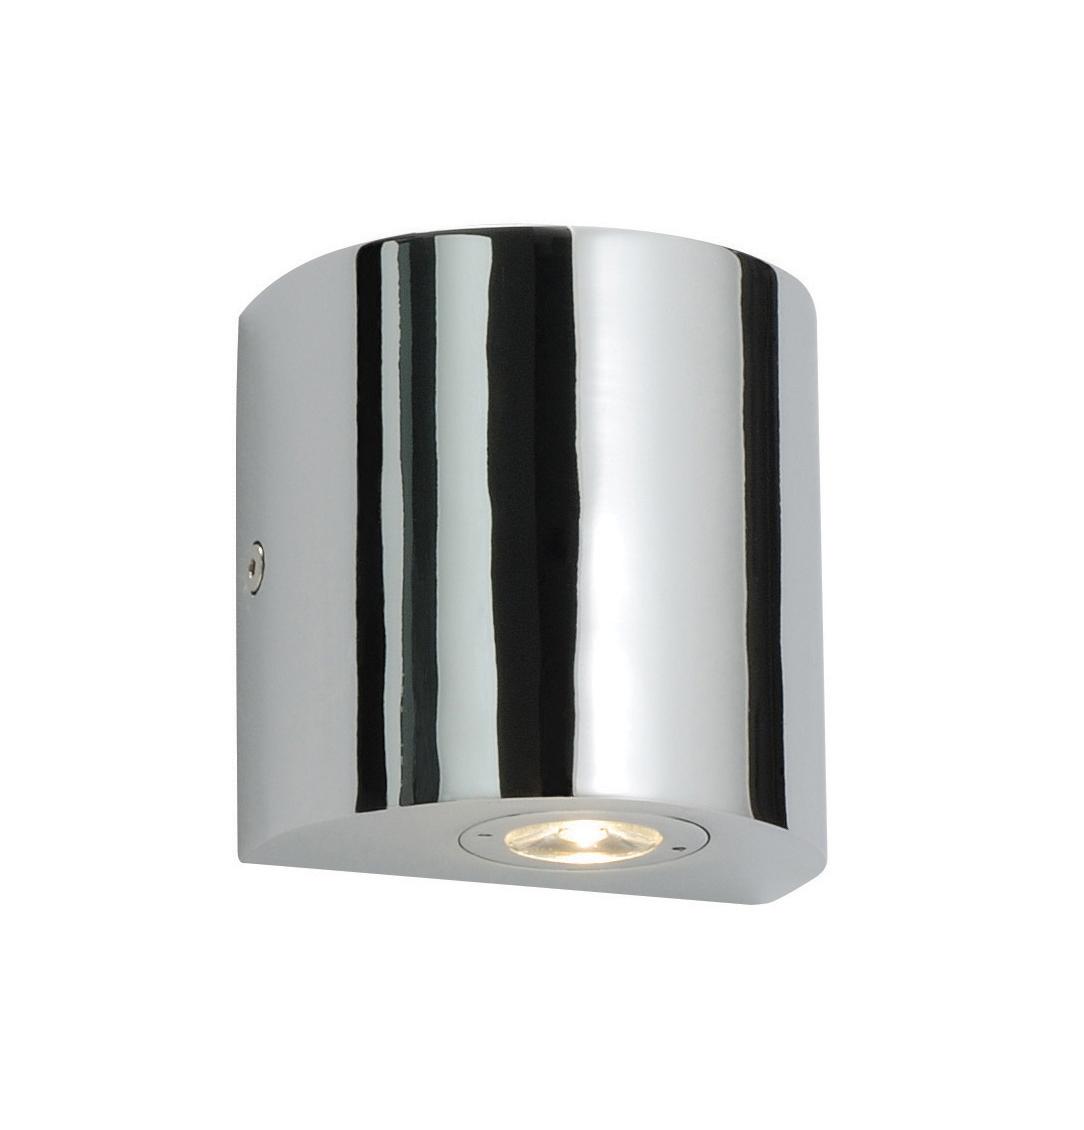 Lampe del murale salle de bain 1w haute puissance chrome - Lampe led pour salle de bain ...